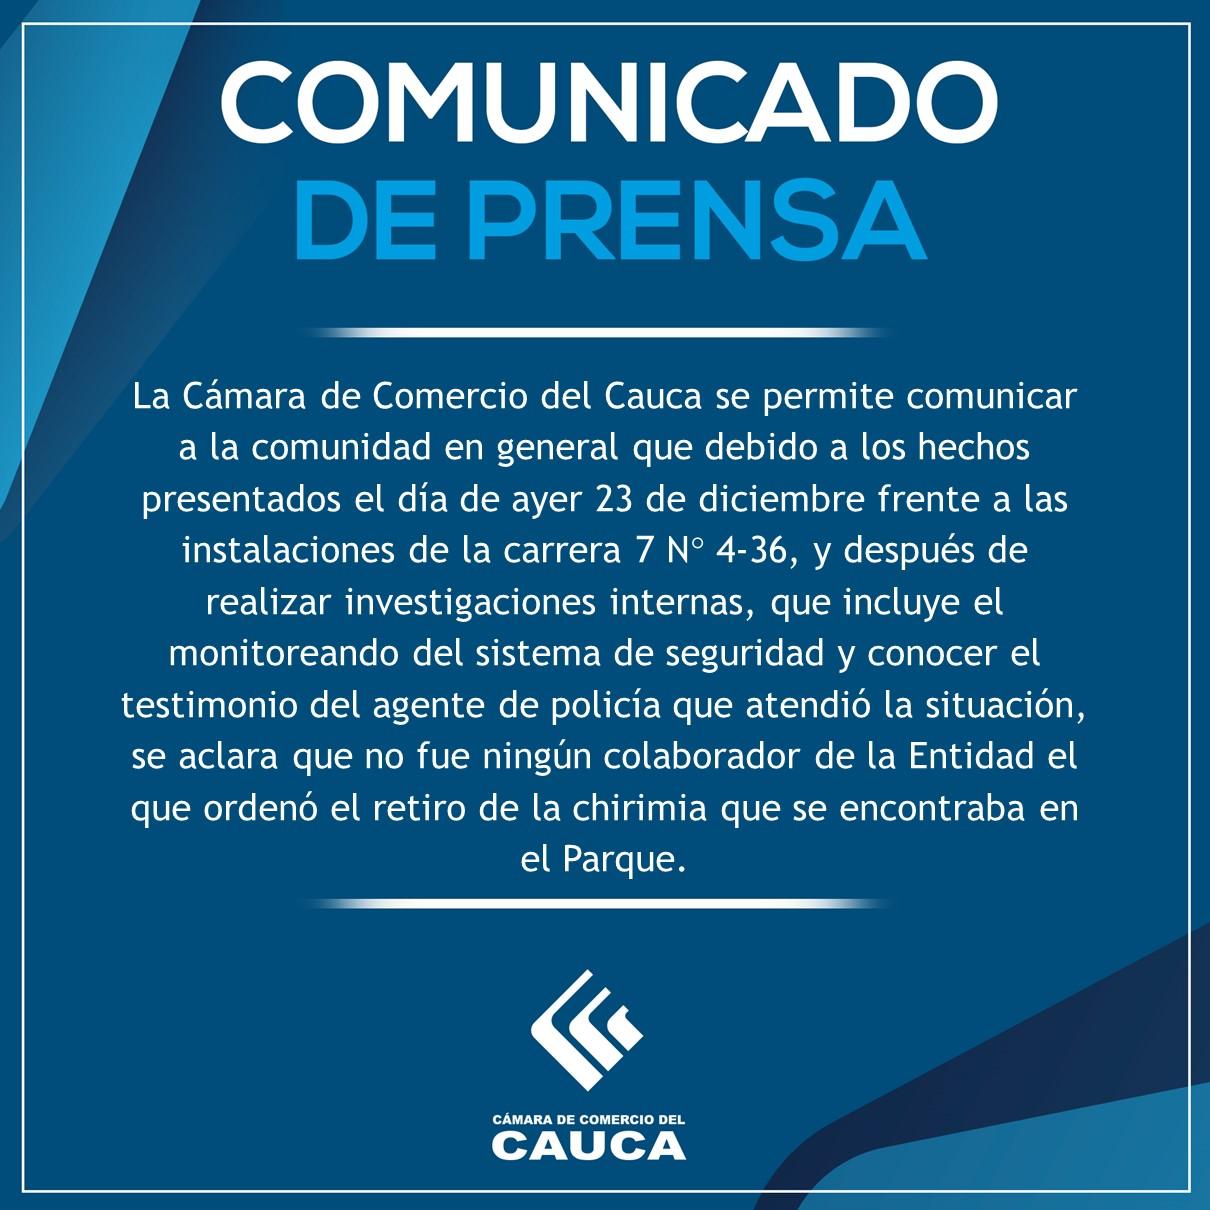 Comunicado de Prensa diciembre 24 de 2019